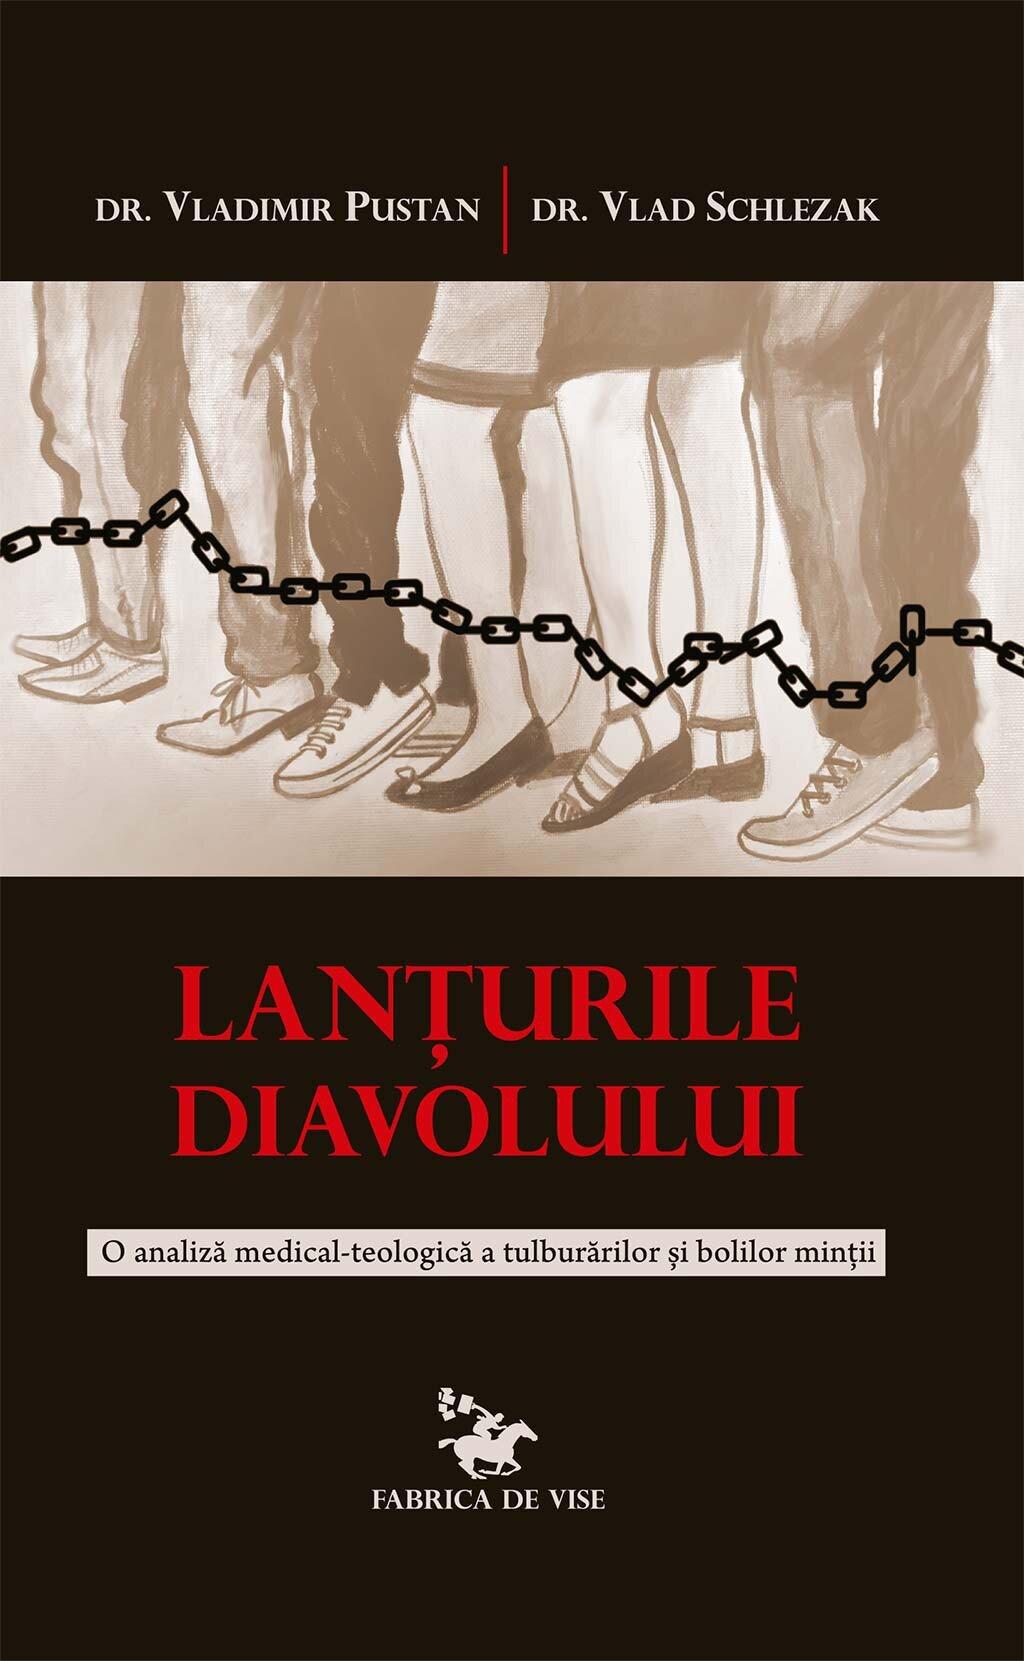 Lanturile diavolului. O analiza medical-teologica a tulburarilor si bolilor mintii PDF (Download eBook)